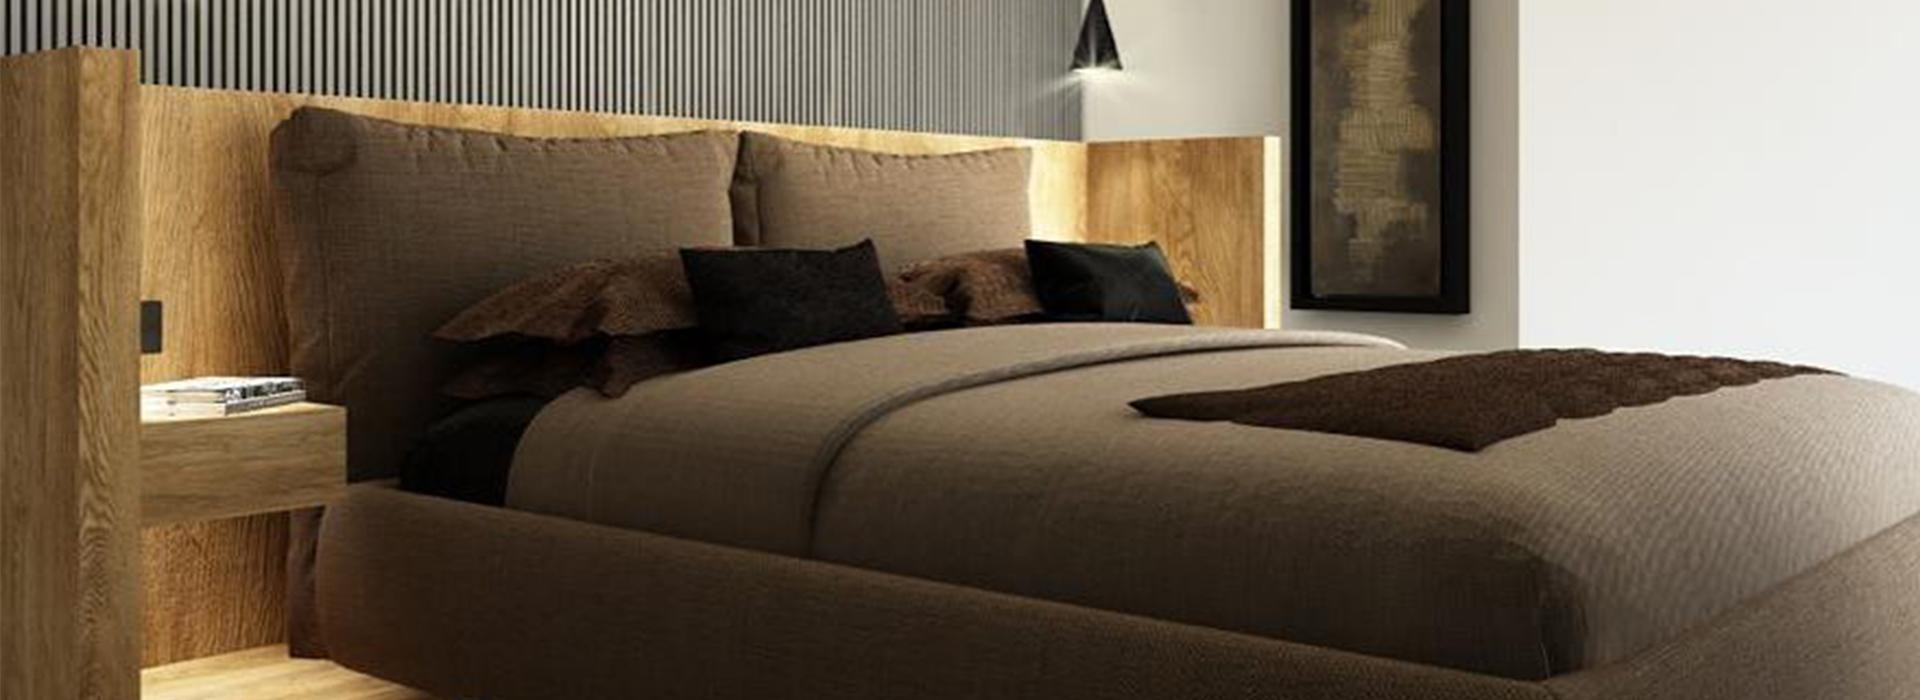 Camere da letto su misura